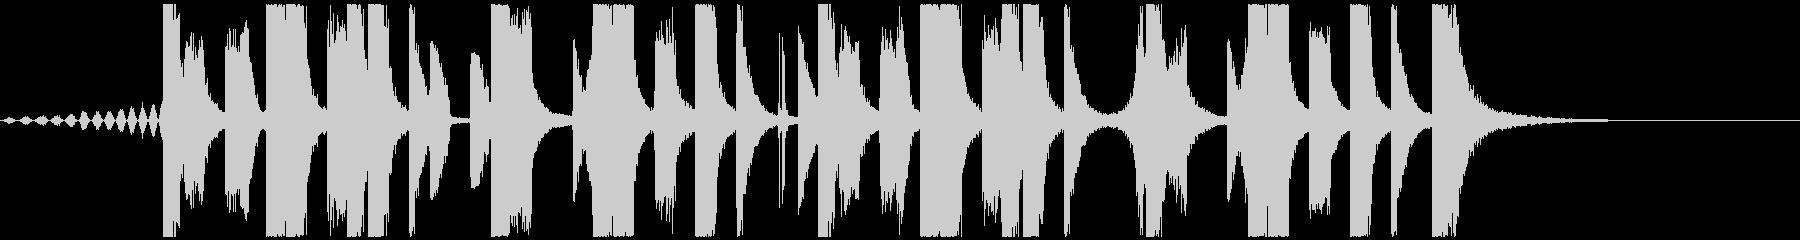 ジングル向けFuture Bass 2の未再生の波形